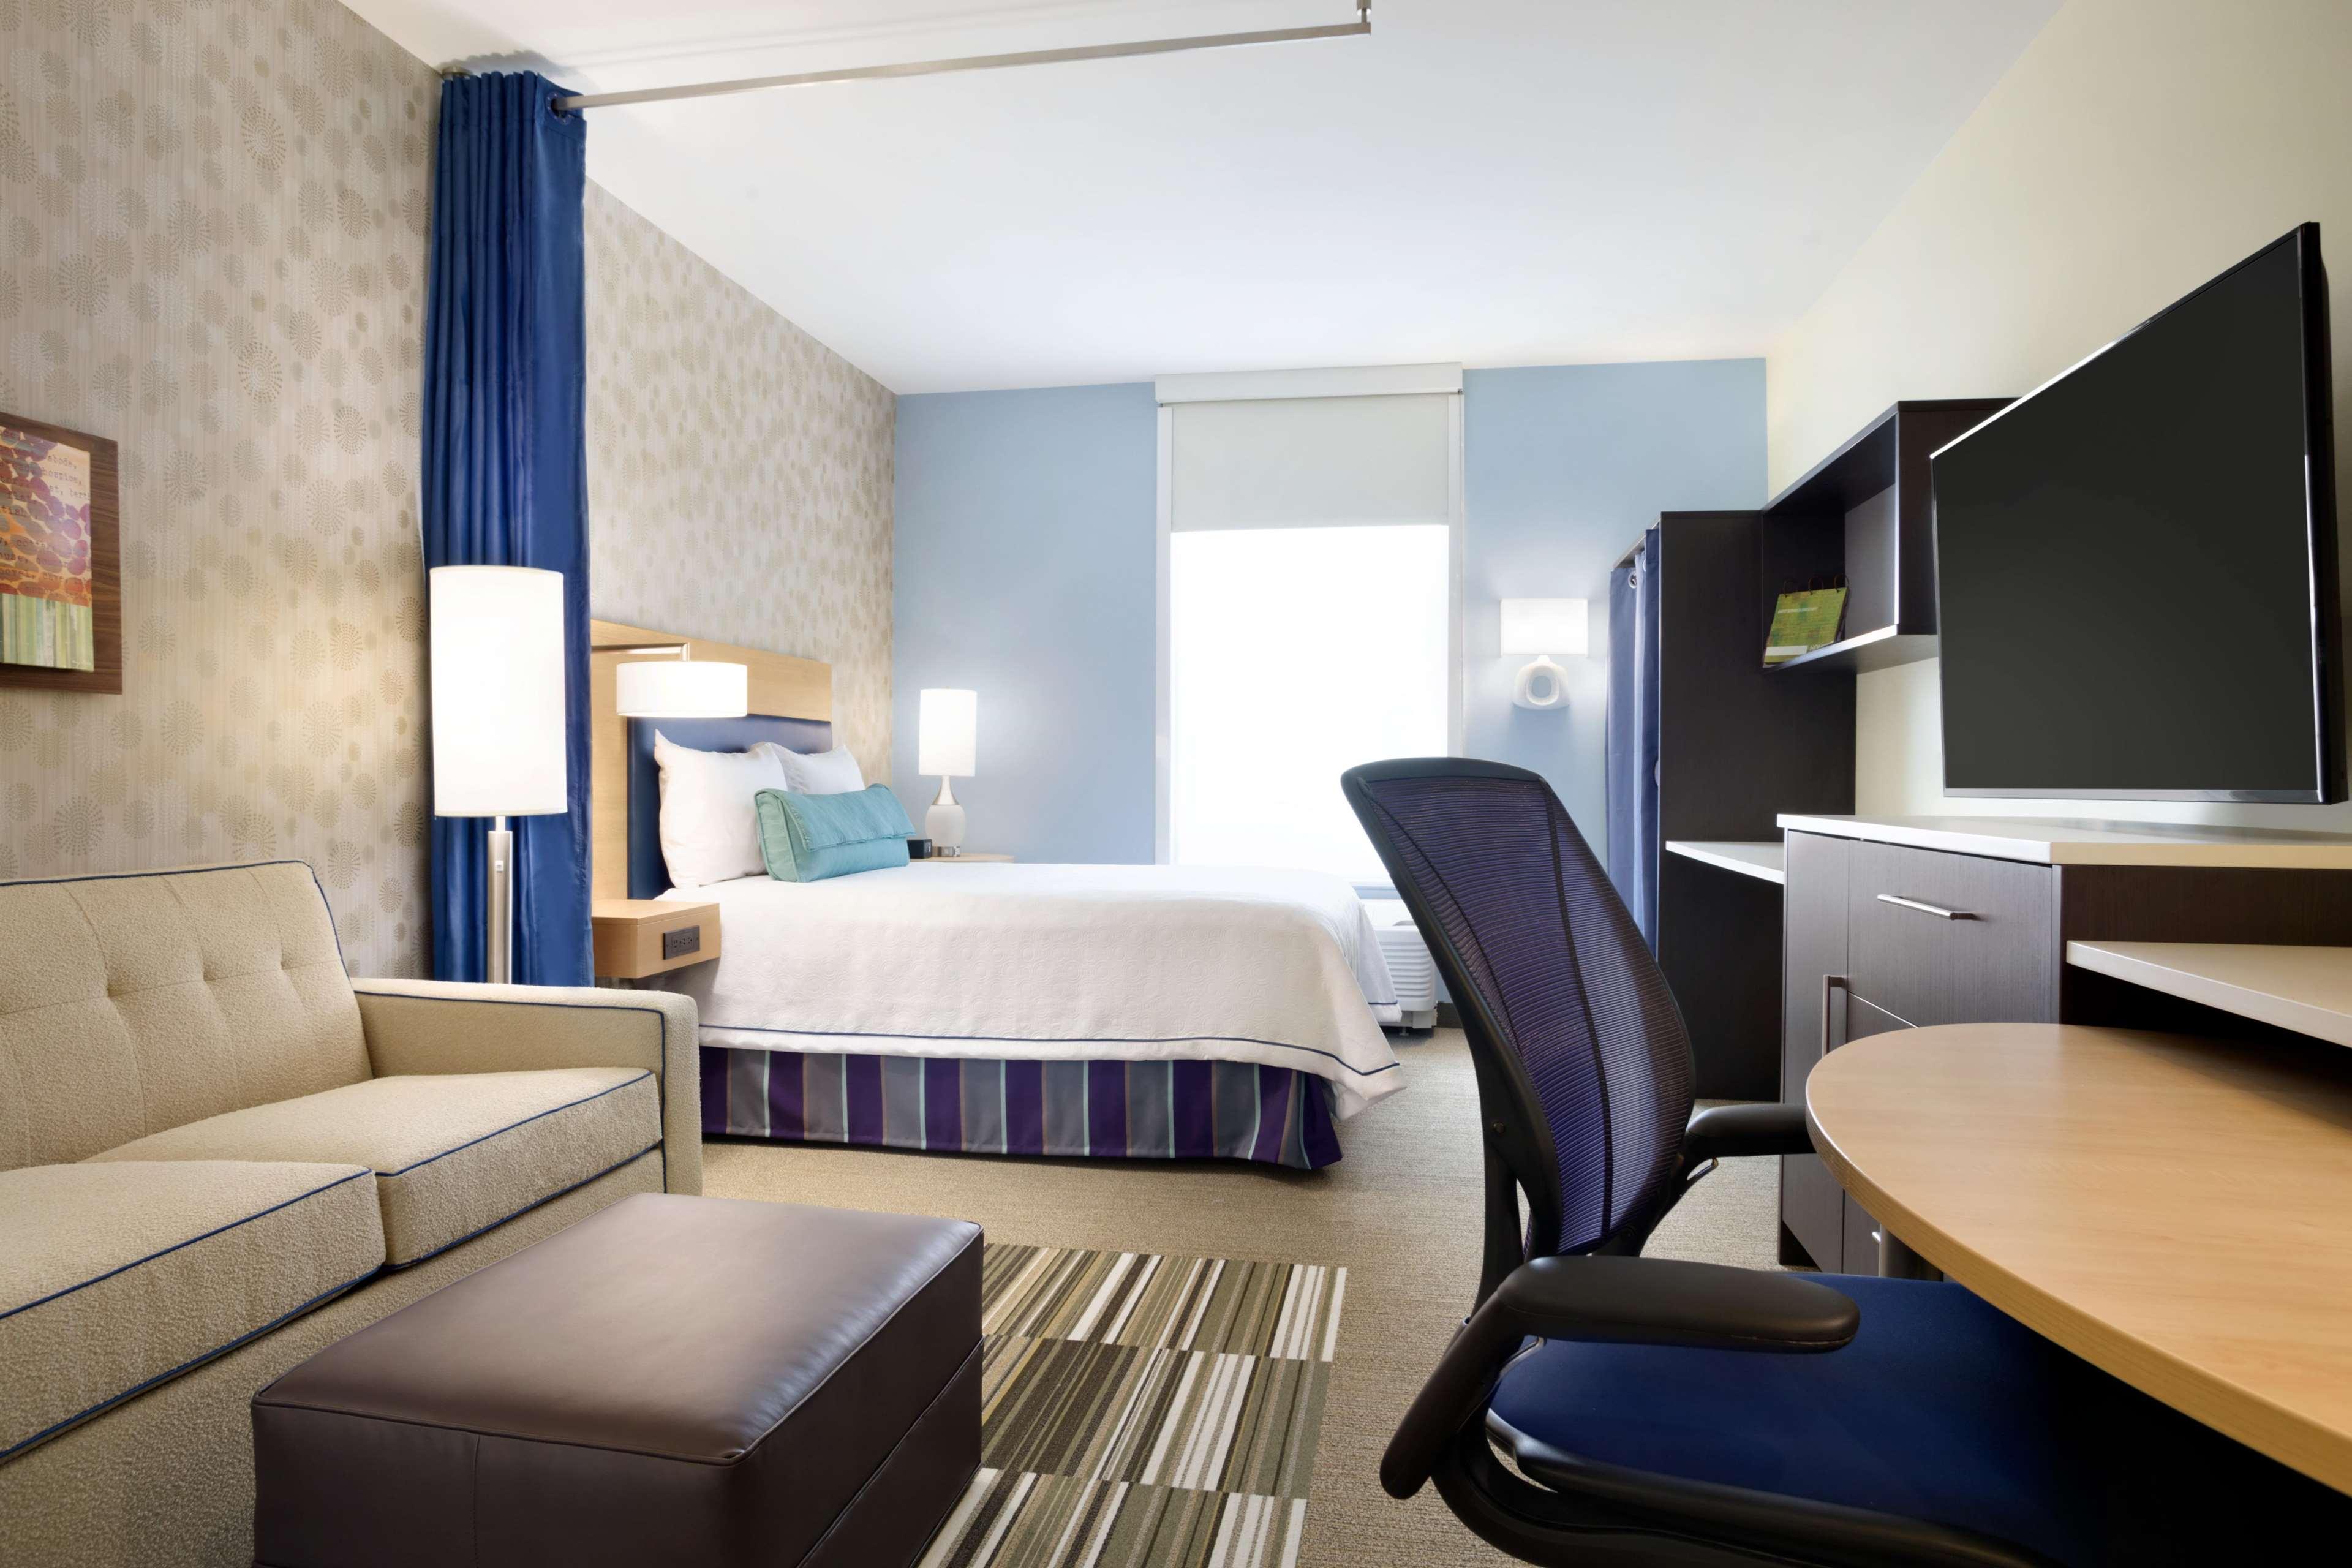 Home2 Suites by Hilton McAllen image 36